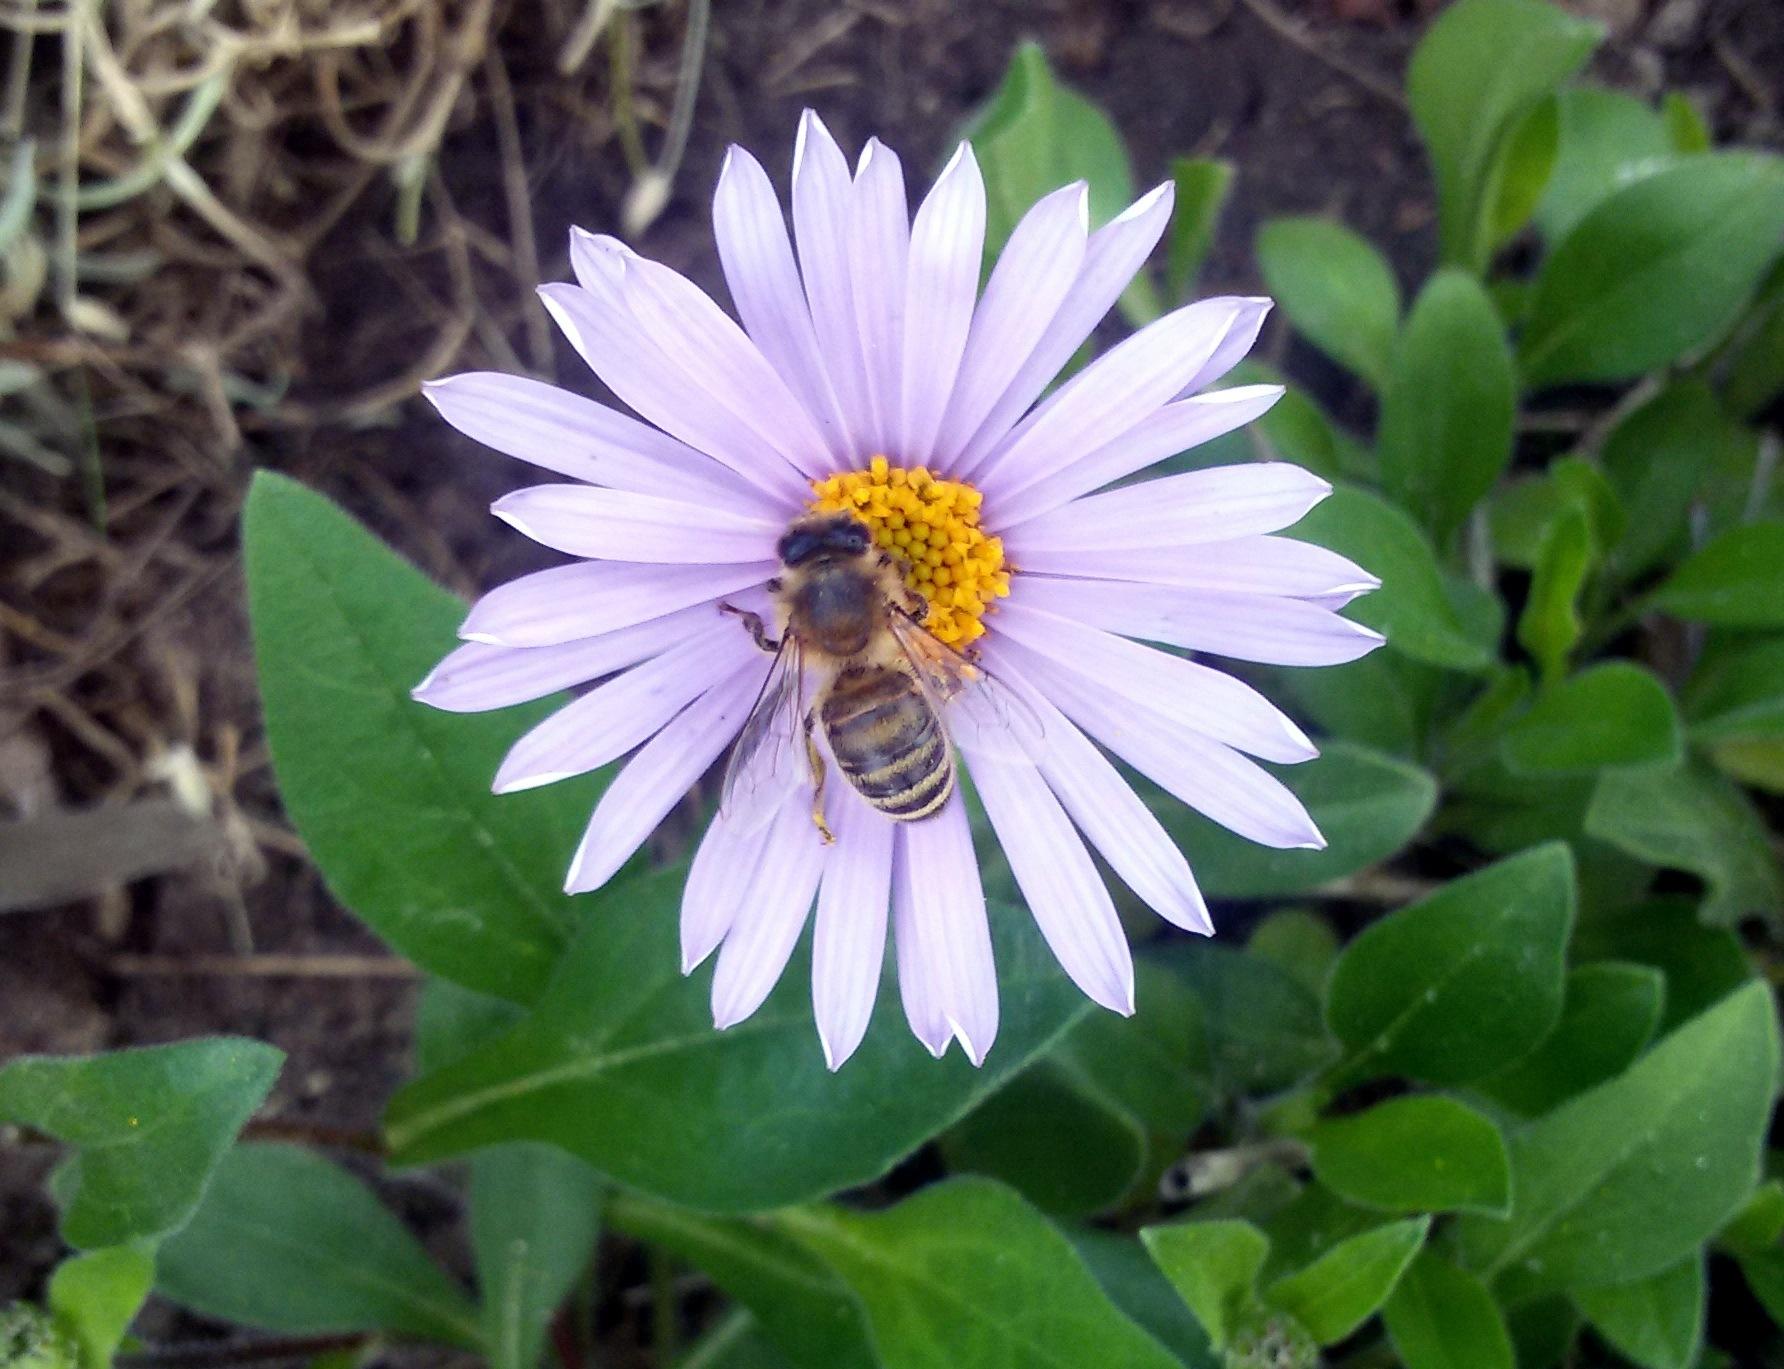 Flower with bee. by uzkuraitiene62